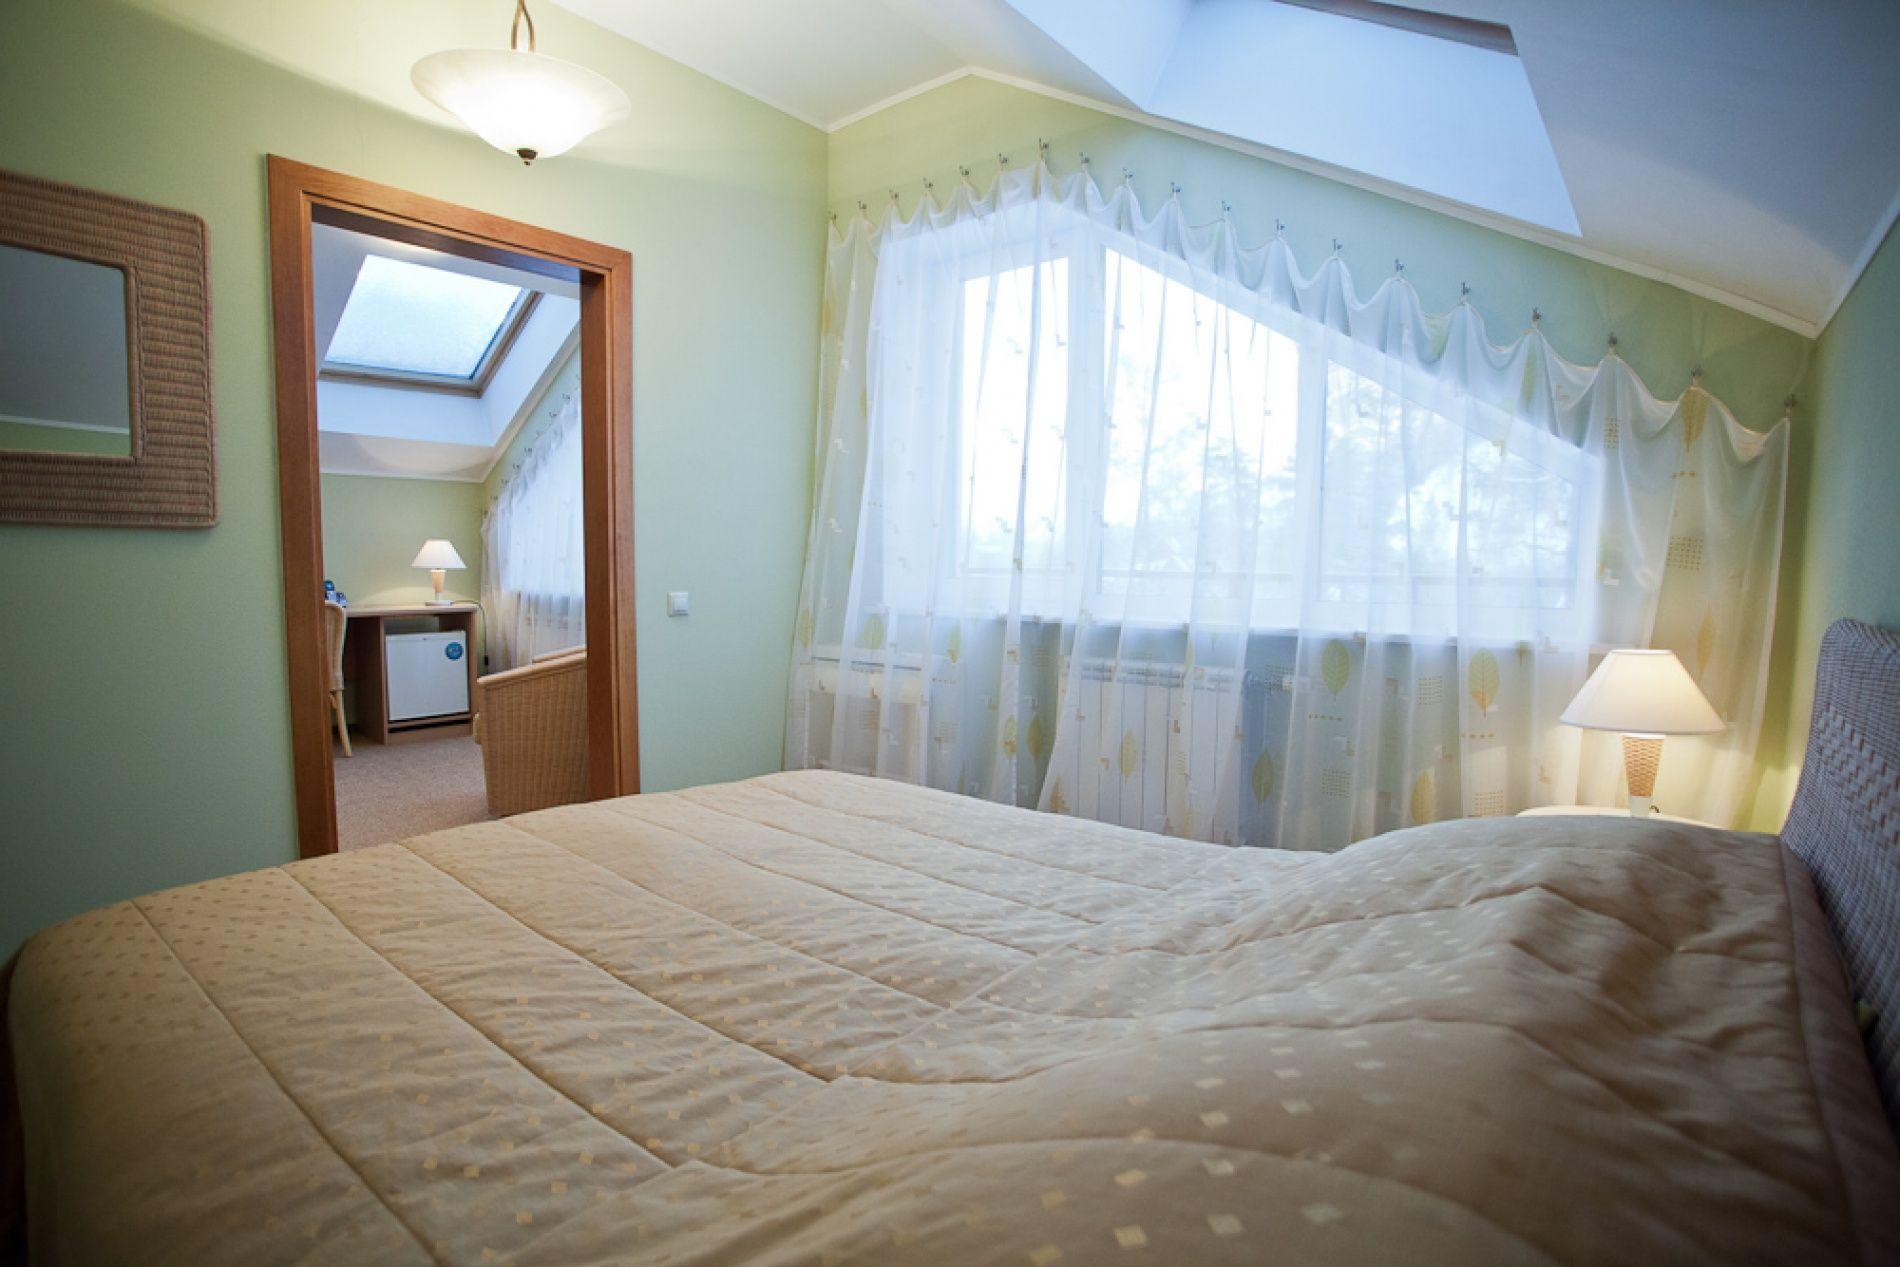 """Загородный отель """"Green Park Hotel"""" Красноярский край 2-комнатный номер Люкс, фото 5"""